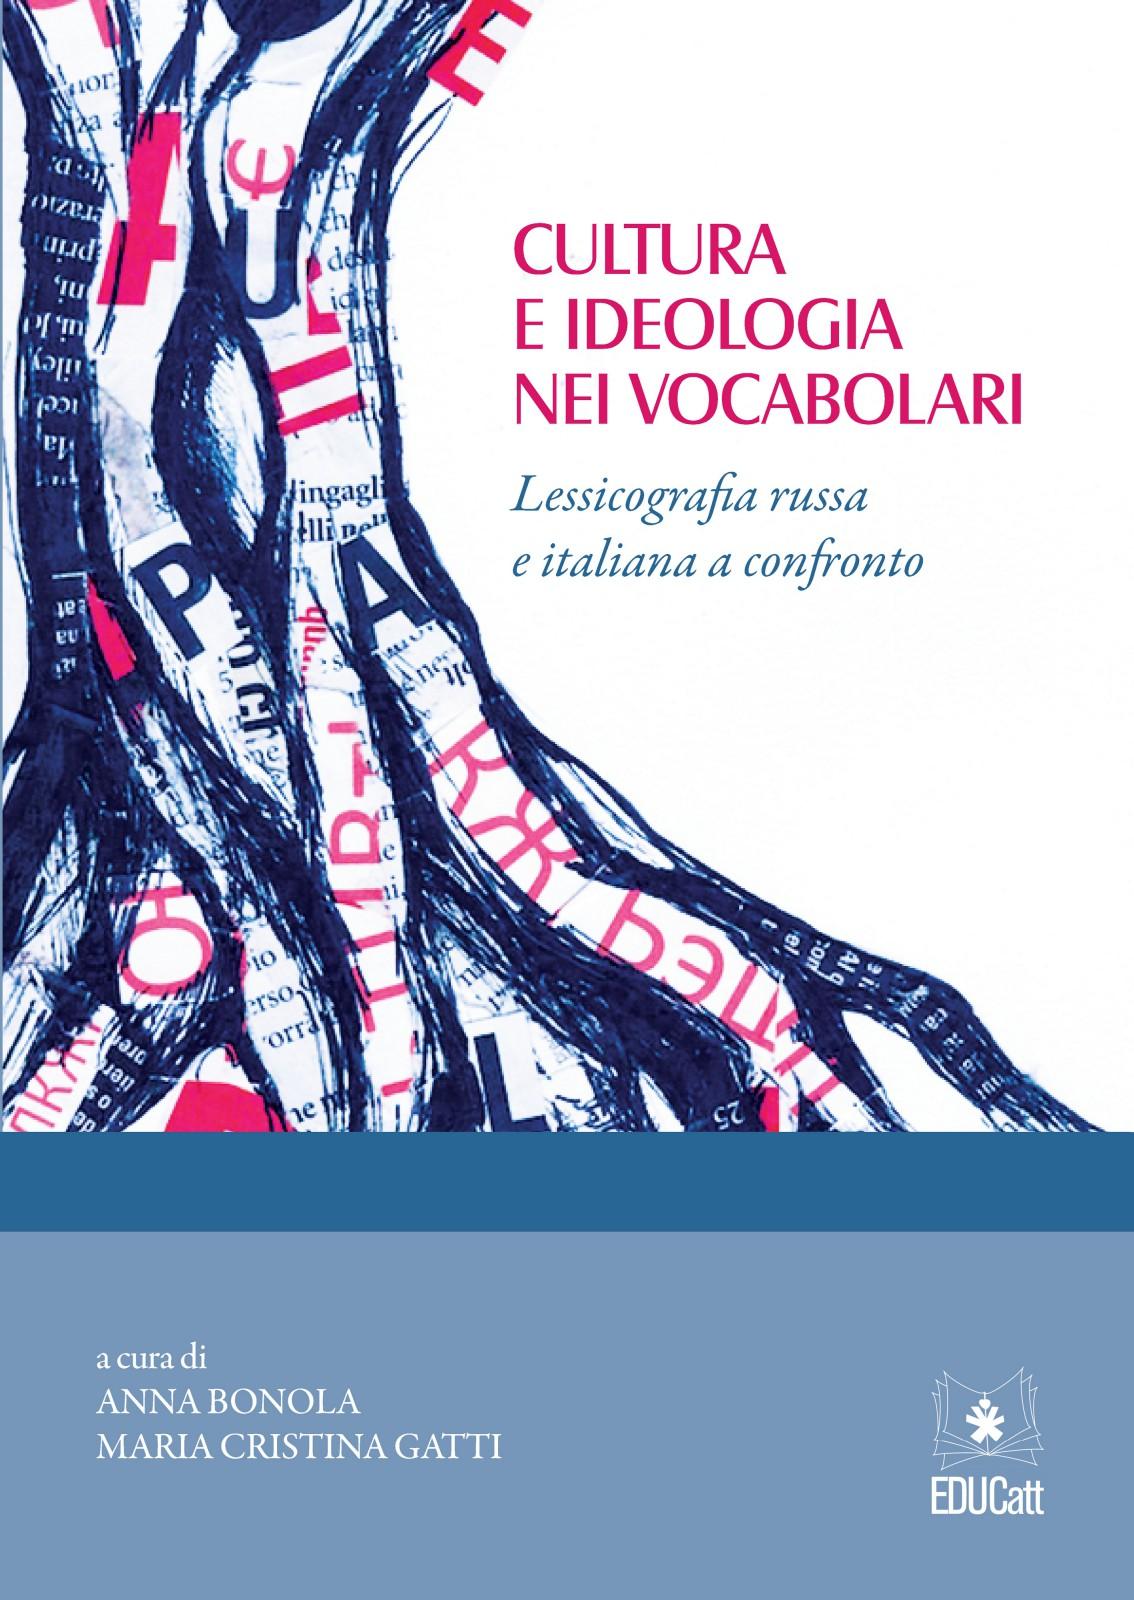 CULTURA E IDEOLOGIA NEI VOCABOLARI. LESSICOGRAFIA RUSSA E ITALIANA A CONFRONTO